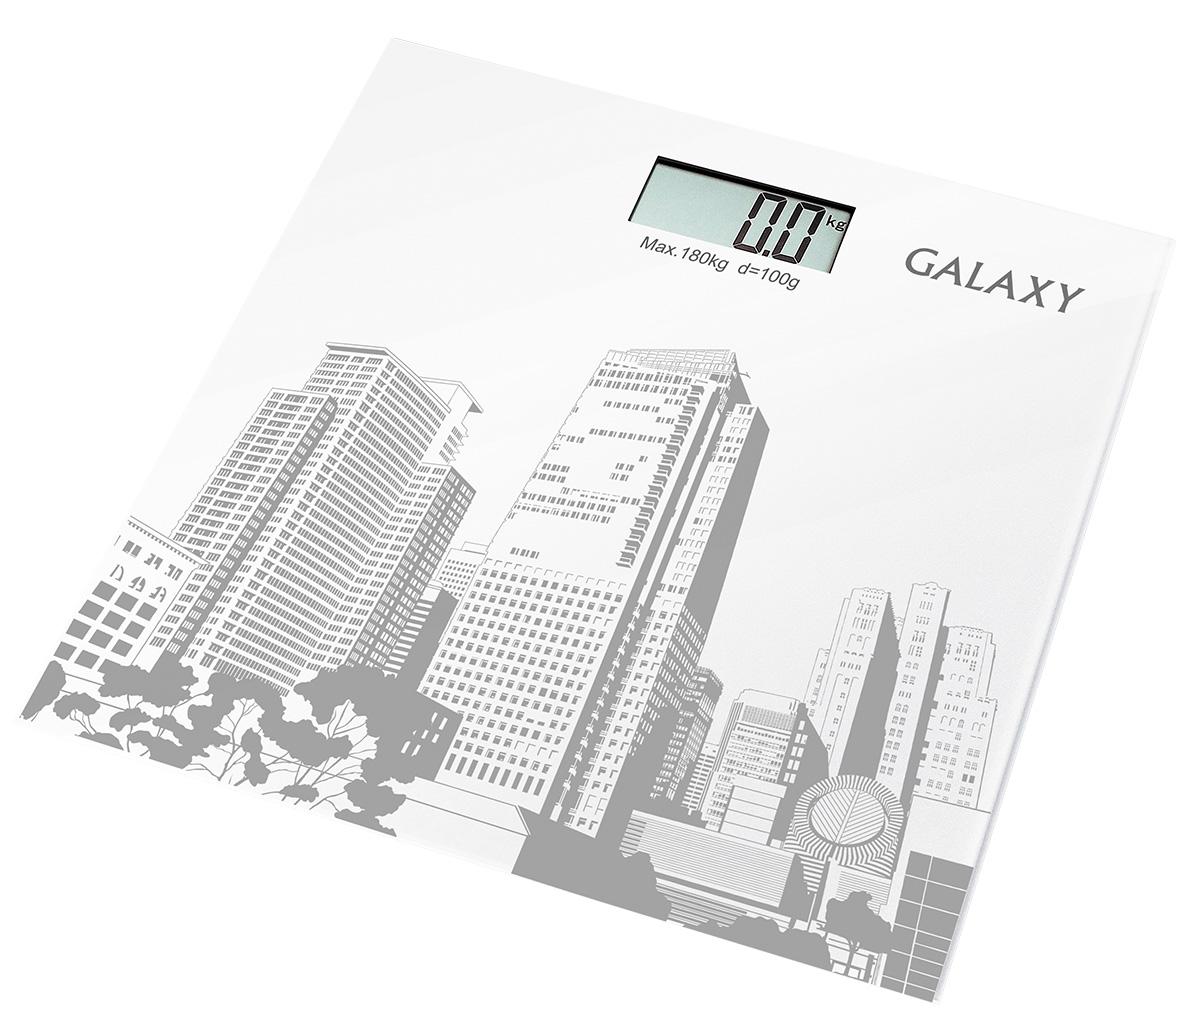 Galaxy GL4803 весы напольные4630003362605Электронные весы Galaxy GL4803 разработаны специально для тех, кто следит за своим здоровьем и физической формой. Стильный дизайн, ультратонкий корпус, большой дисплей! Сверхточная сенсорная система датчиковПлатформа из высокопрочного стеклаЖидкокристаллический дисплей с подсветкойИндикация перегрузкиИндикация низкого уровня заряда элементов питанияПрорезиненные ножки